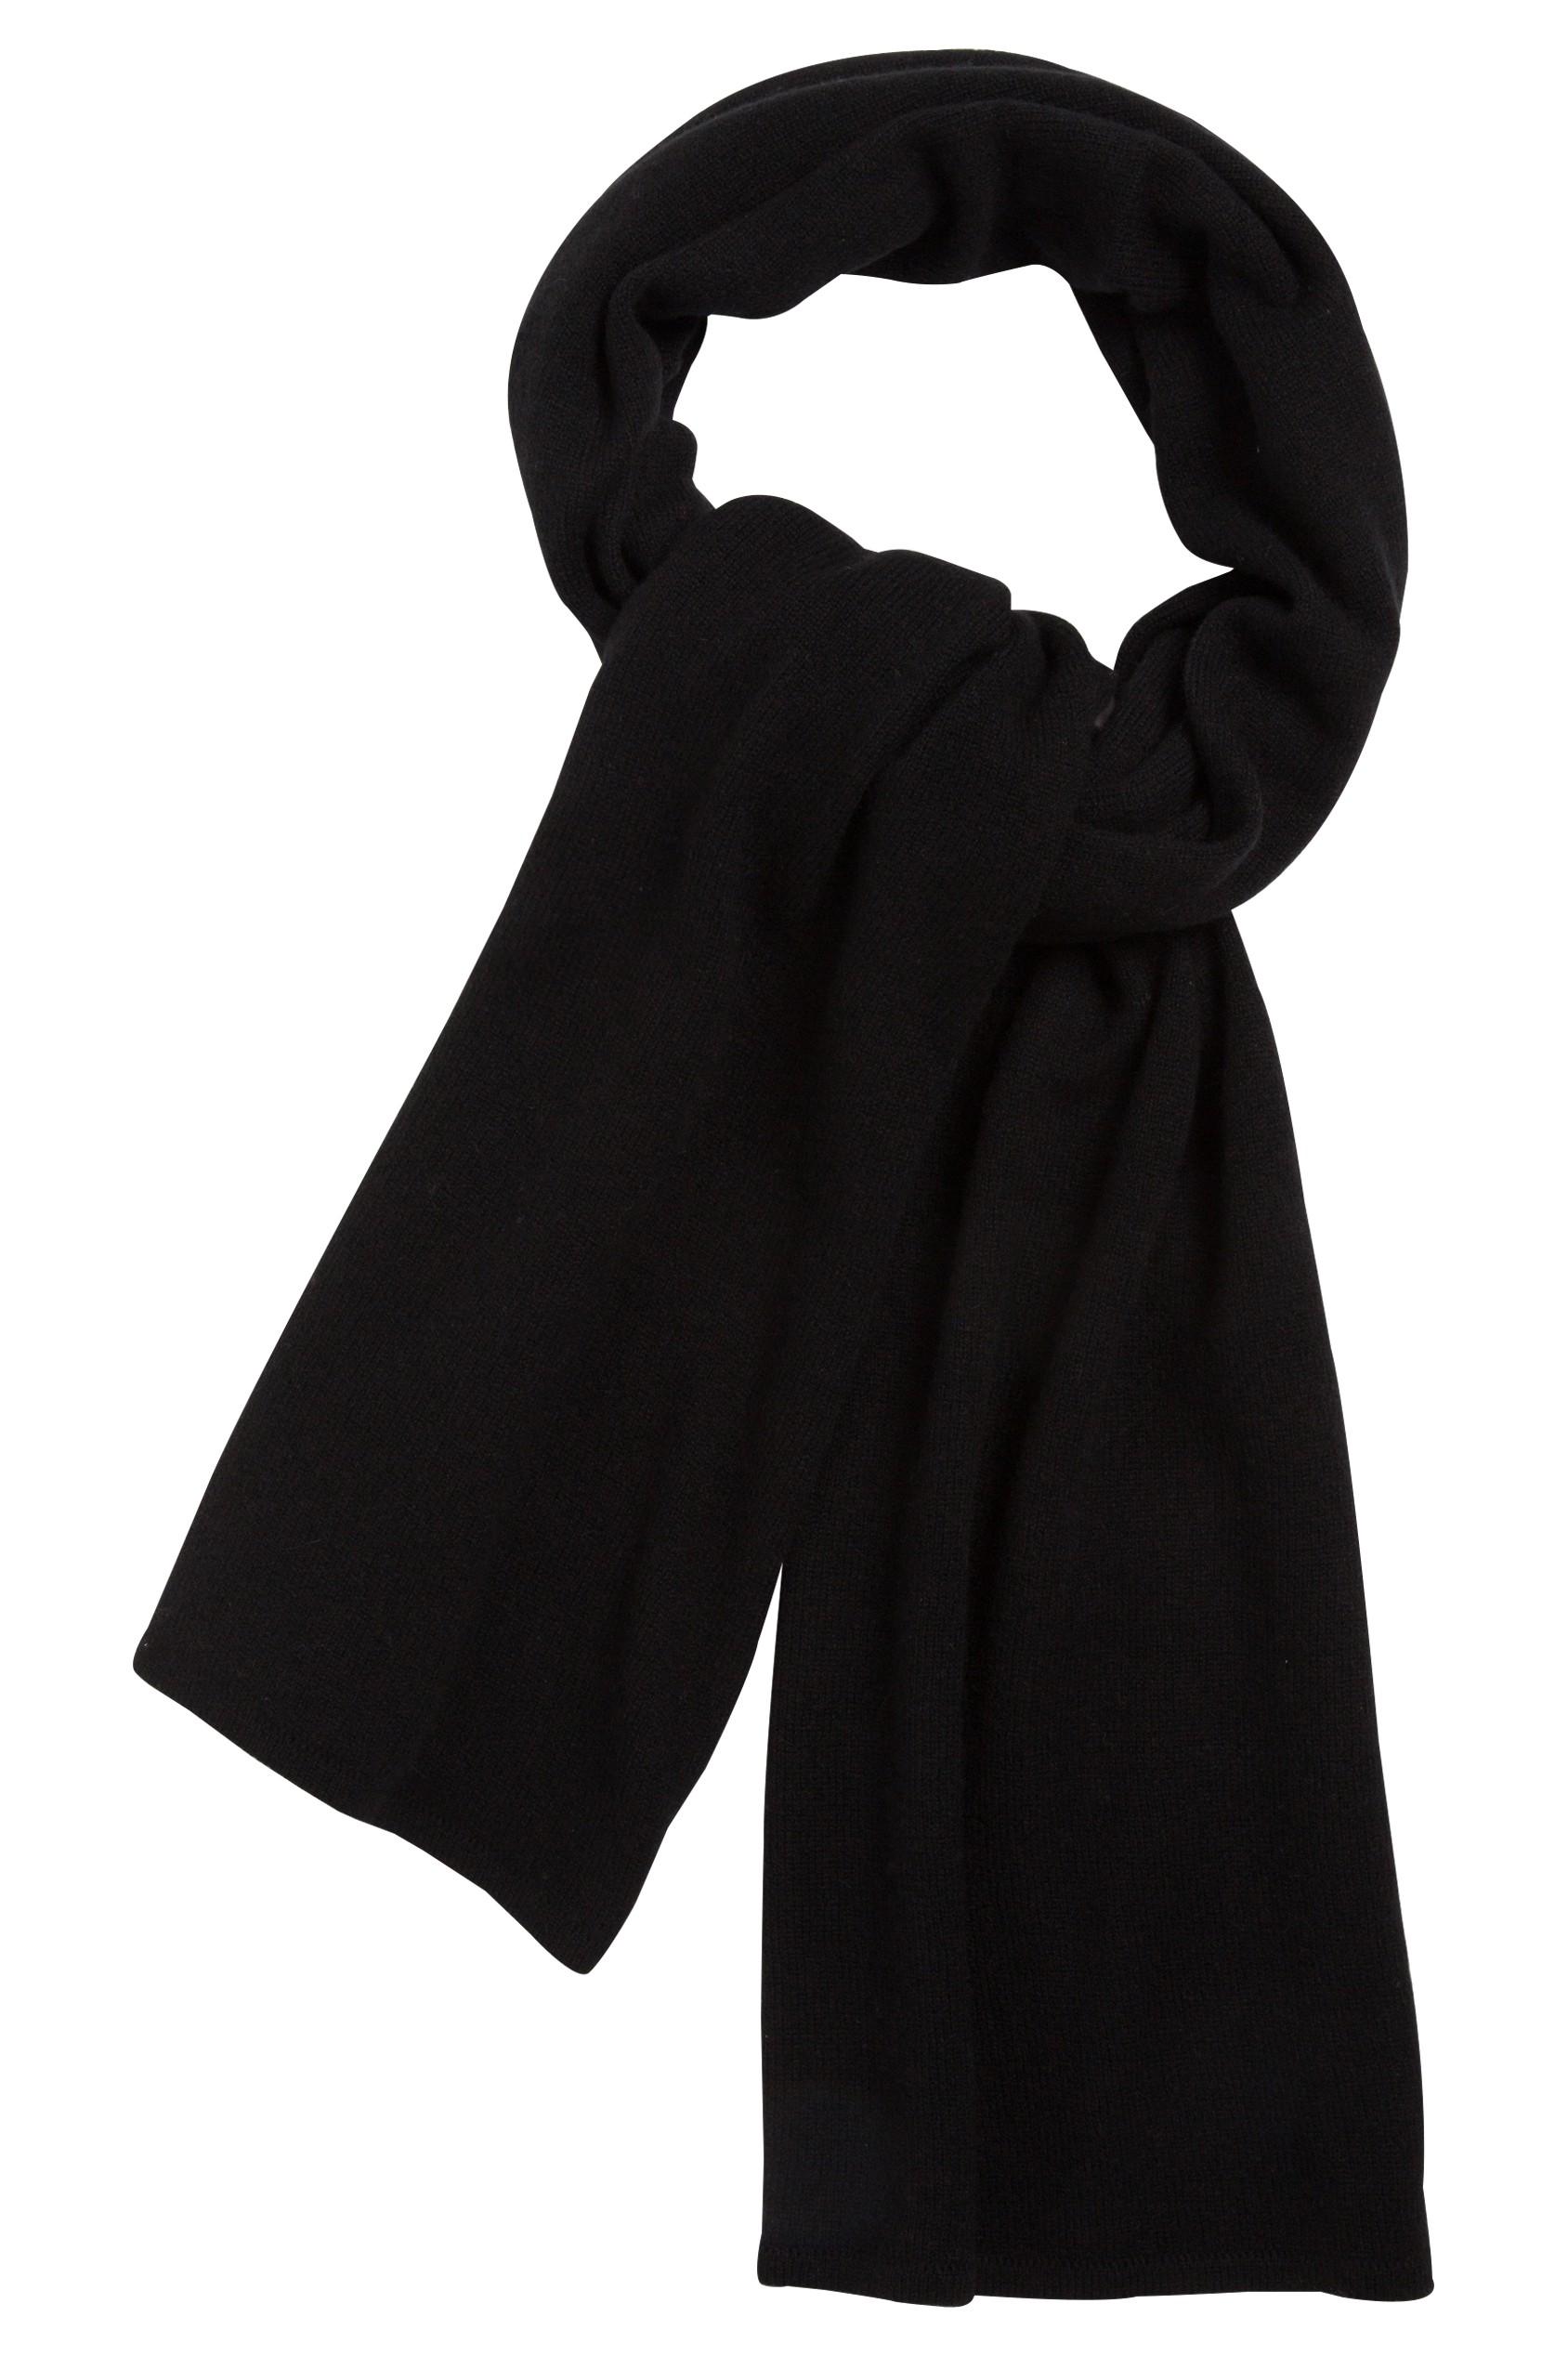 a466392914 Echarpe cachemire noir - 100% cachemire - maille déjaugée